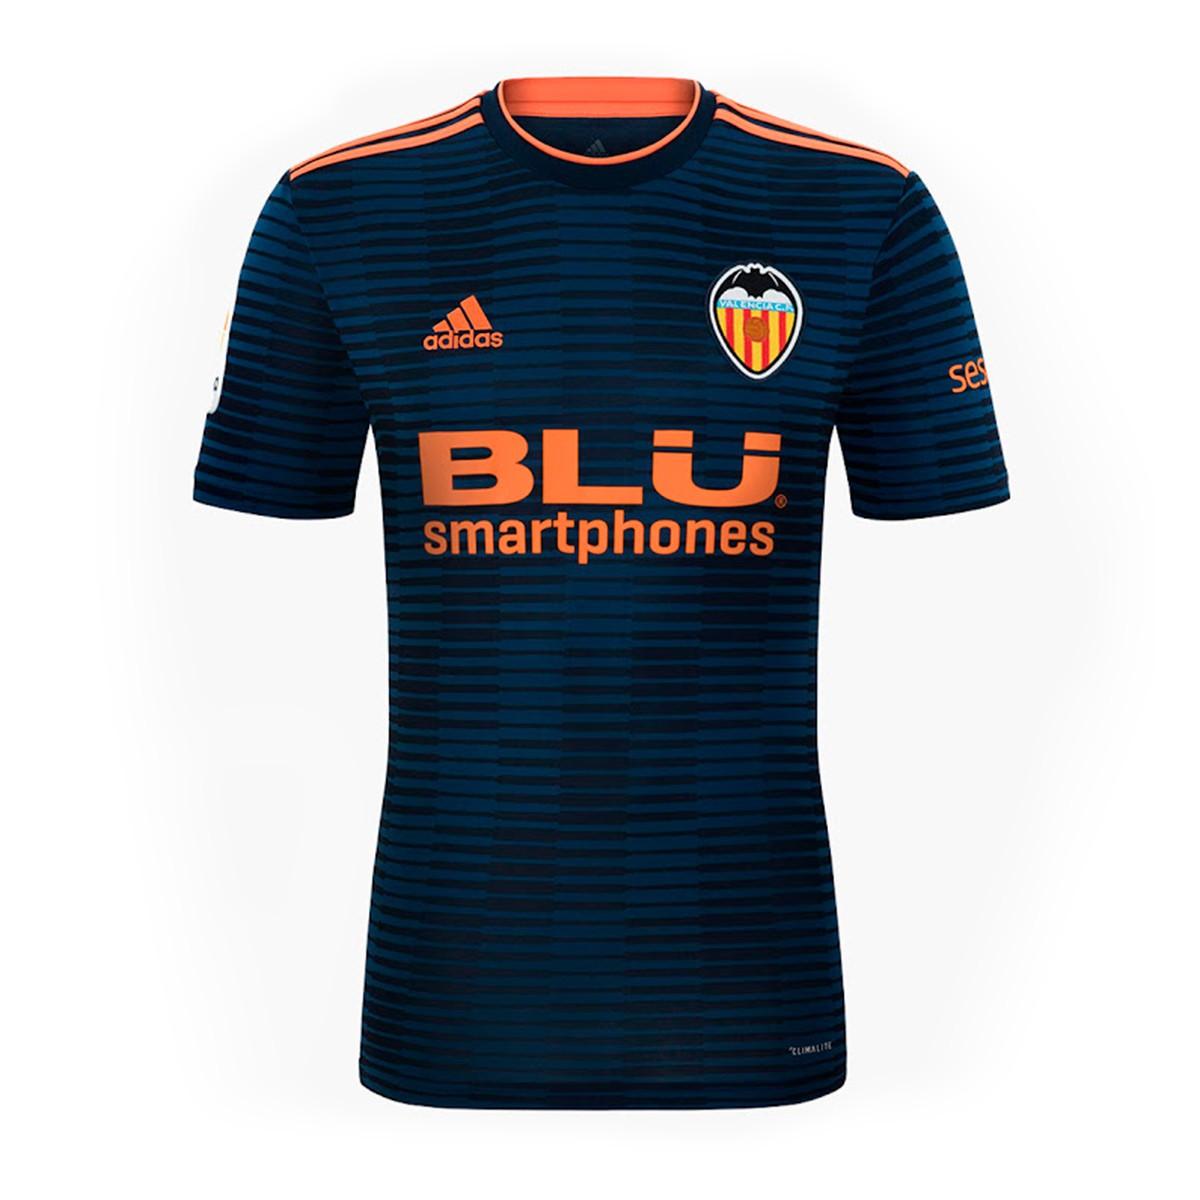 090c90ad5 Camiseta adidas Valencia CF Segunda Equipación 2018-2019 Niño Collegiate  navy-Semi solar orange - Tienda de fútbol Fútbol Emotion